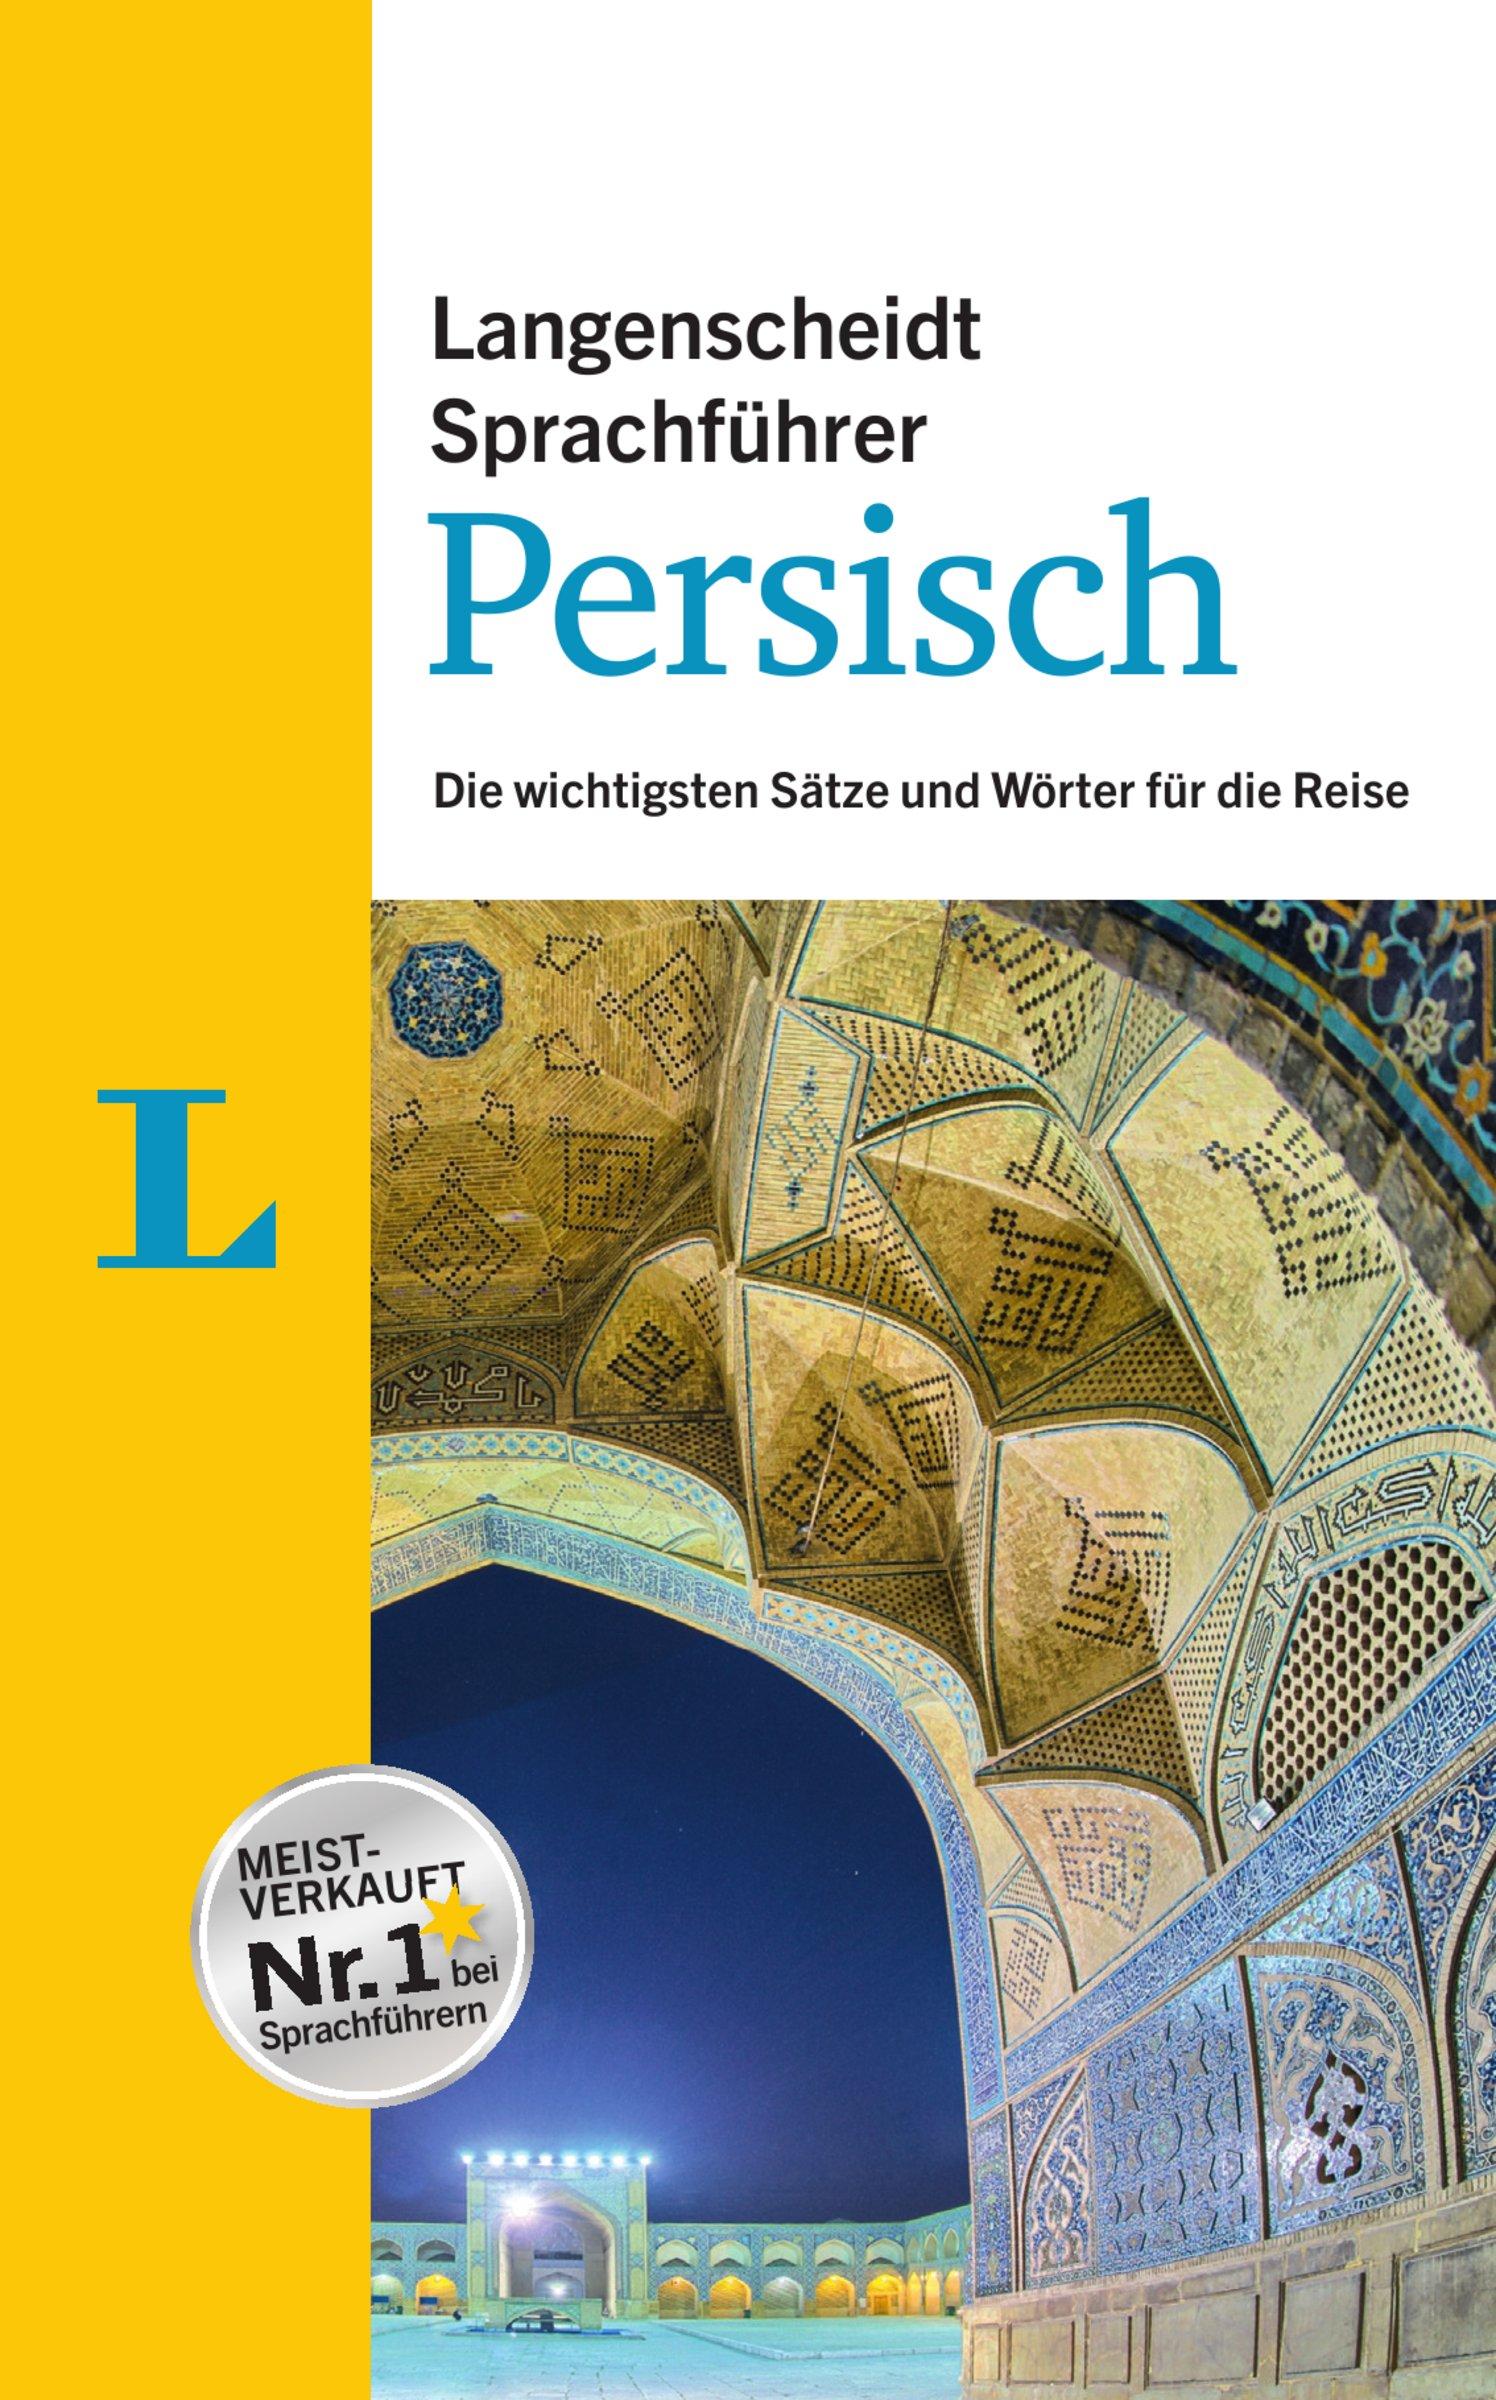 Langenscheidt Sprachführer Persisch  Die Wichtigsten Sätze Und Wörter Für Die Reise